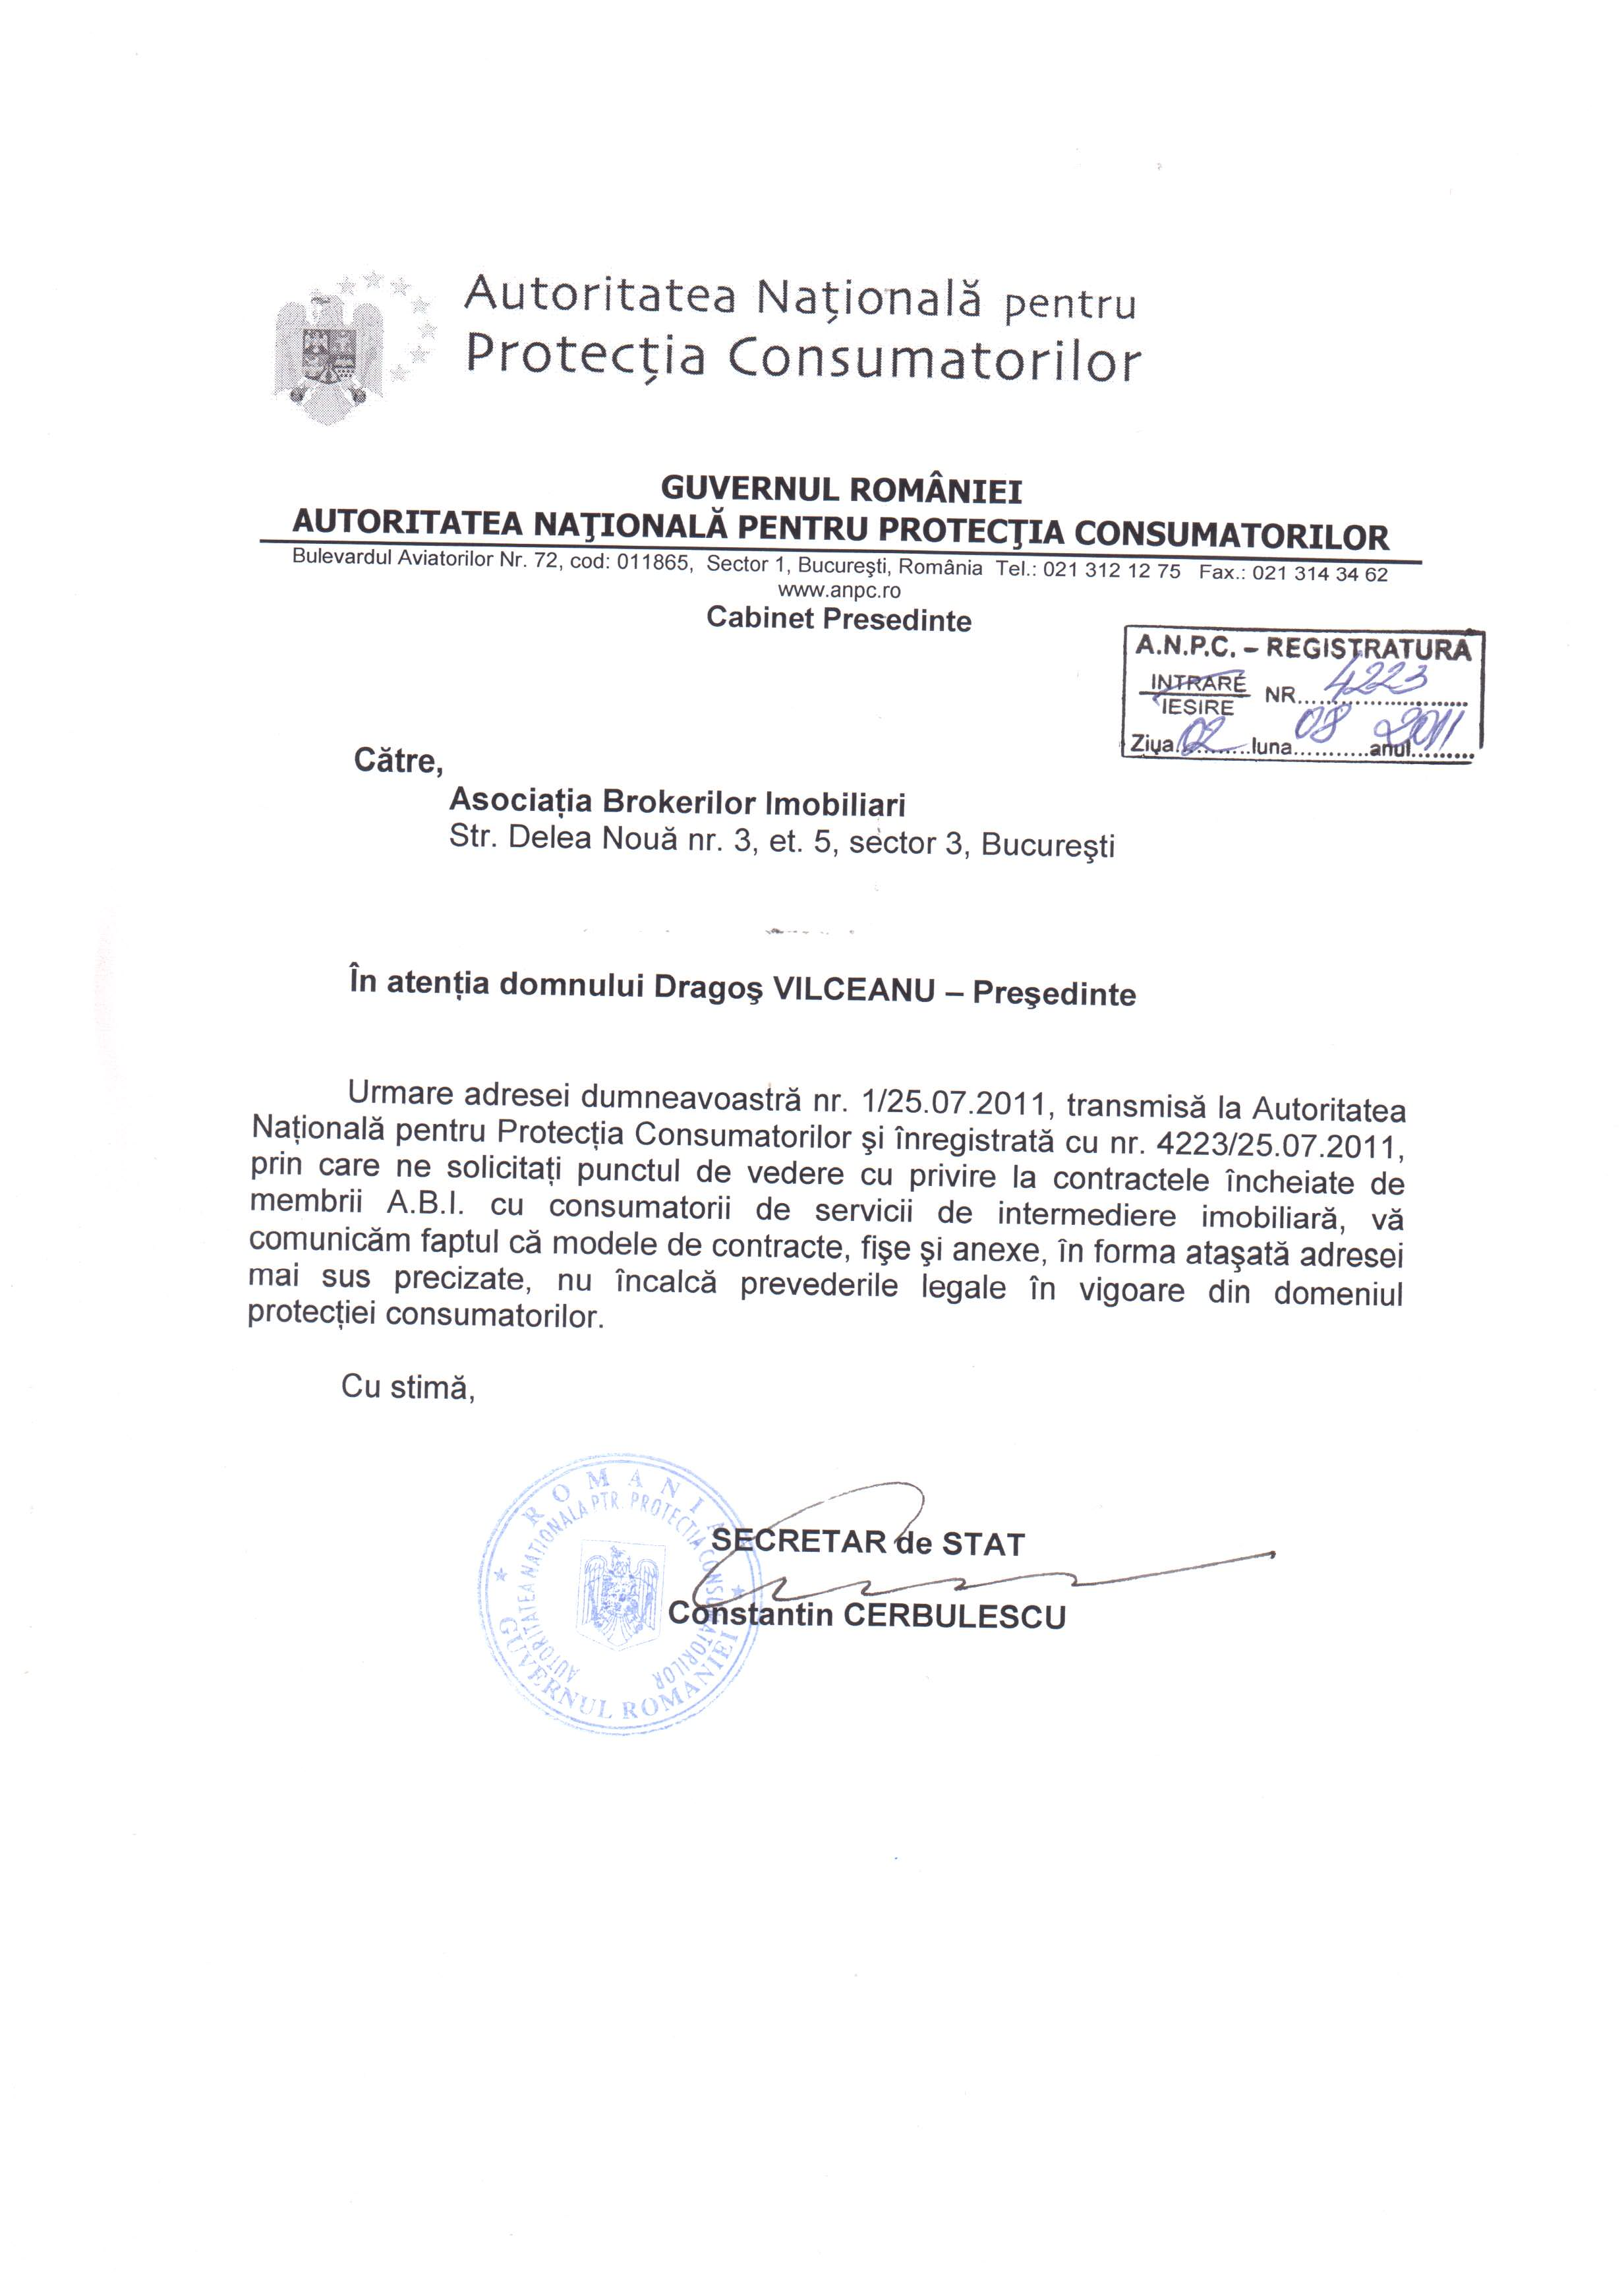 Contractele ABI au primit avizul ANPC